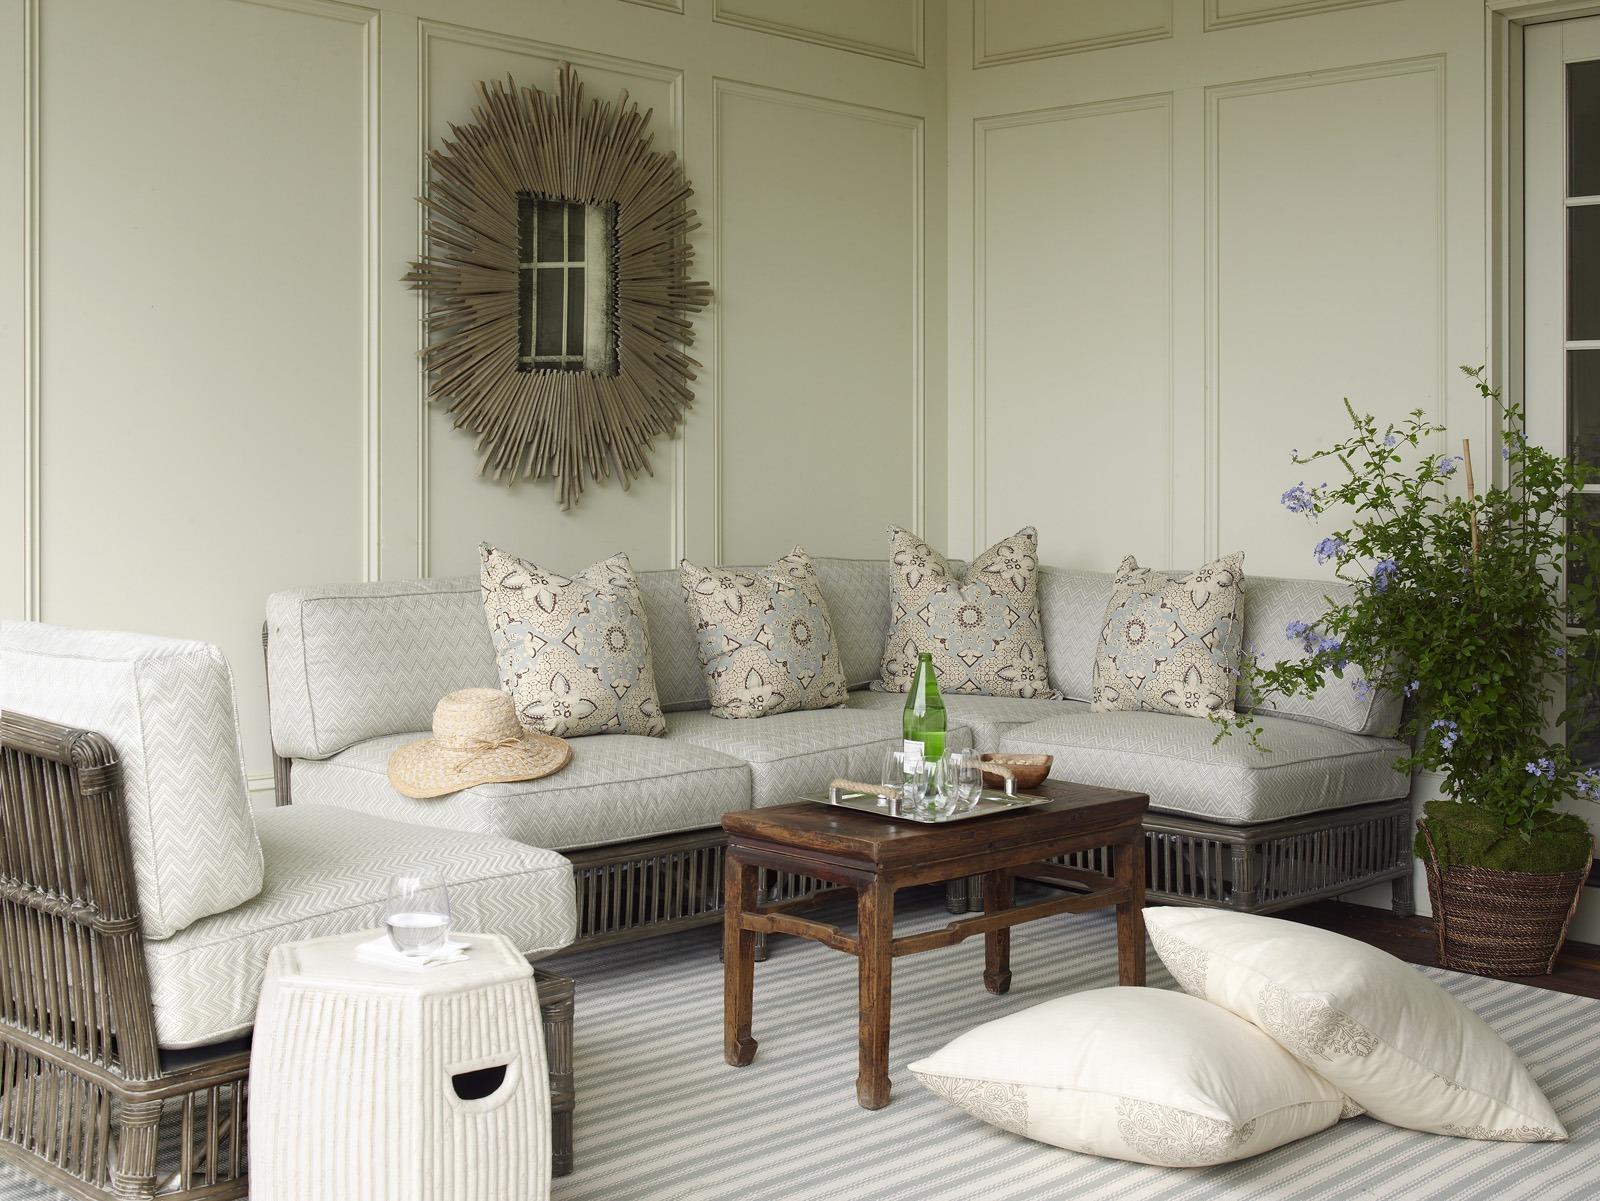 Meg Braff Designs Southampton home loggia